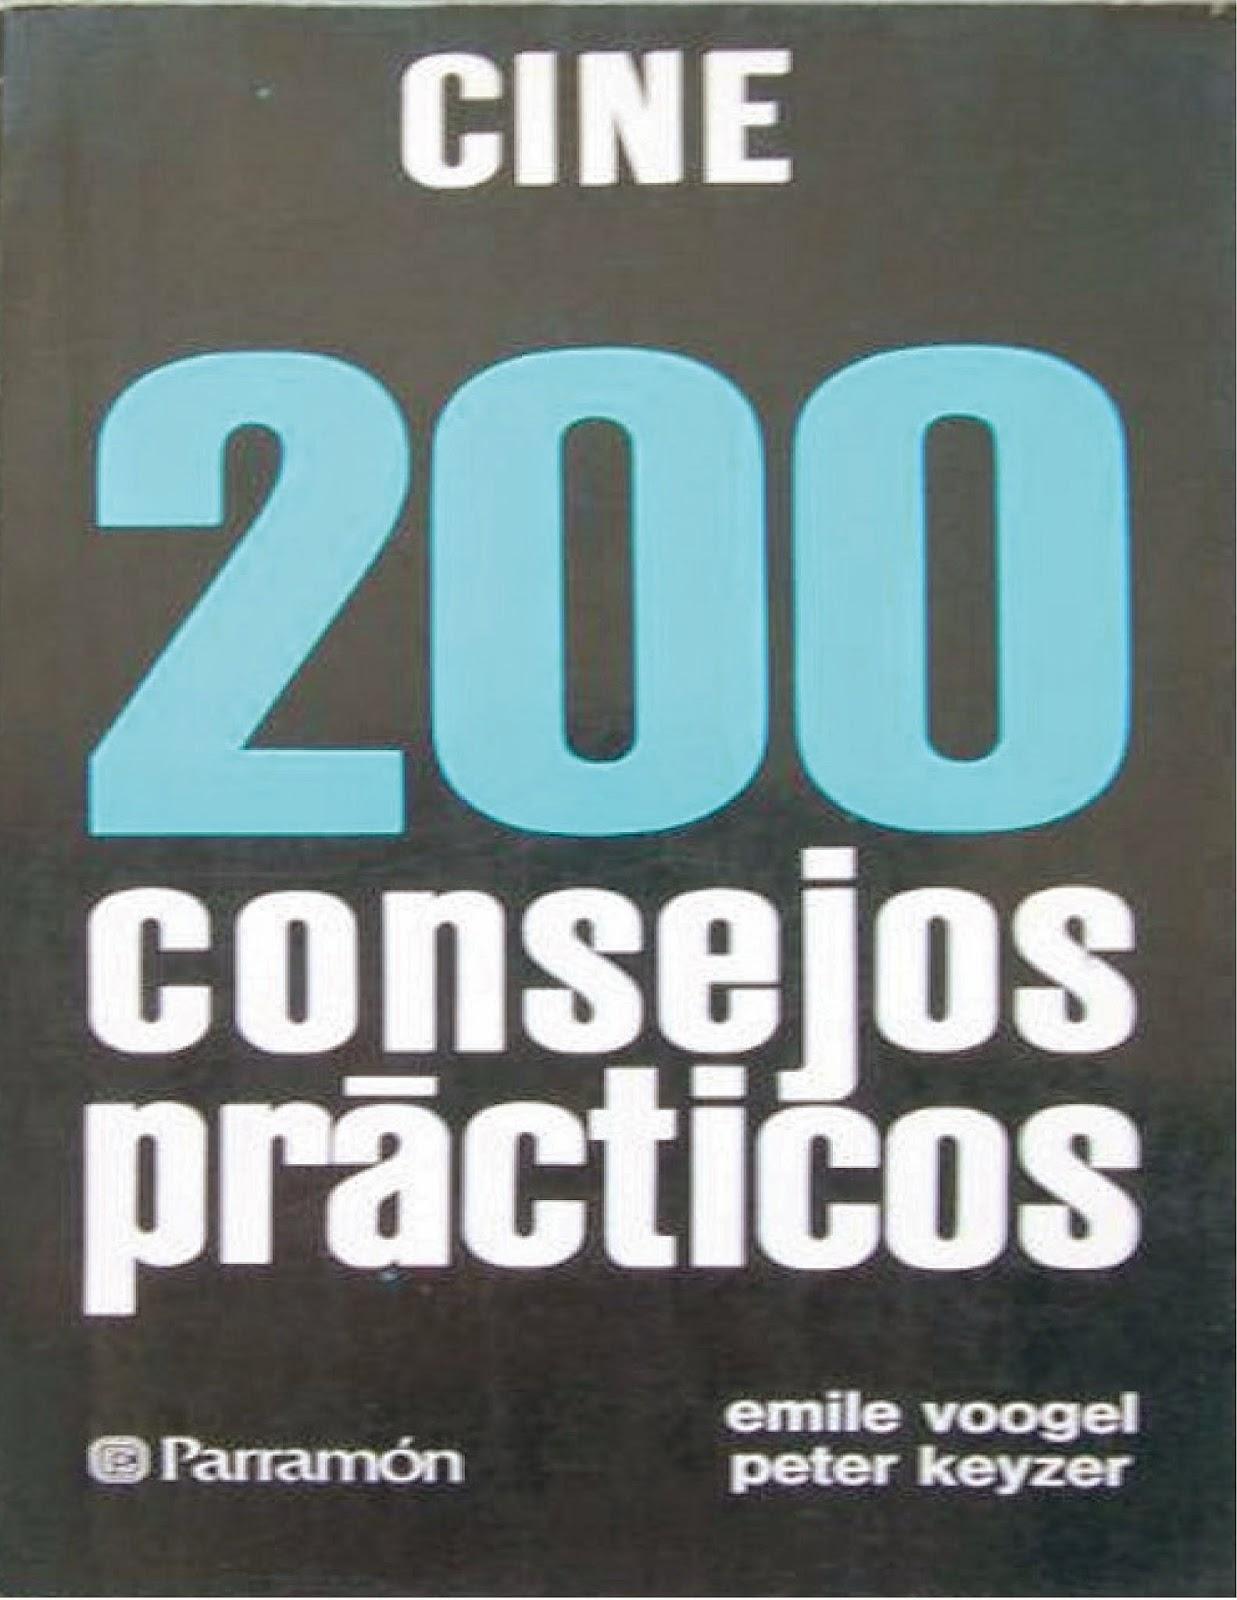 Cine 200 consejos prácticos – Emile Voogel y Peter Keyzer